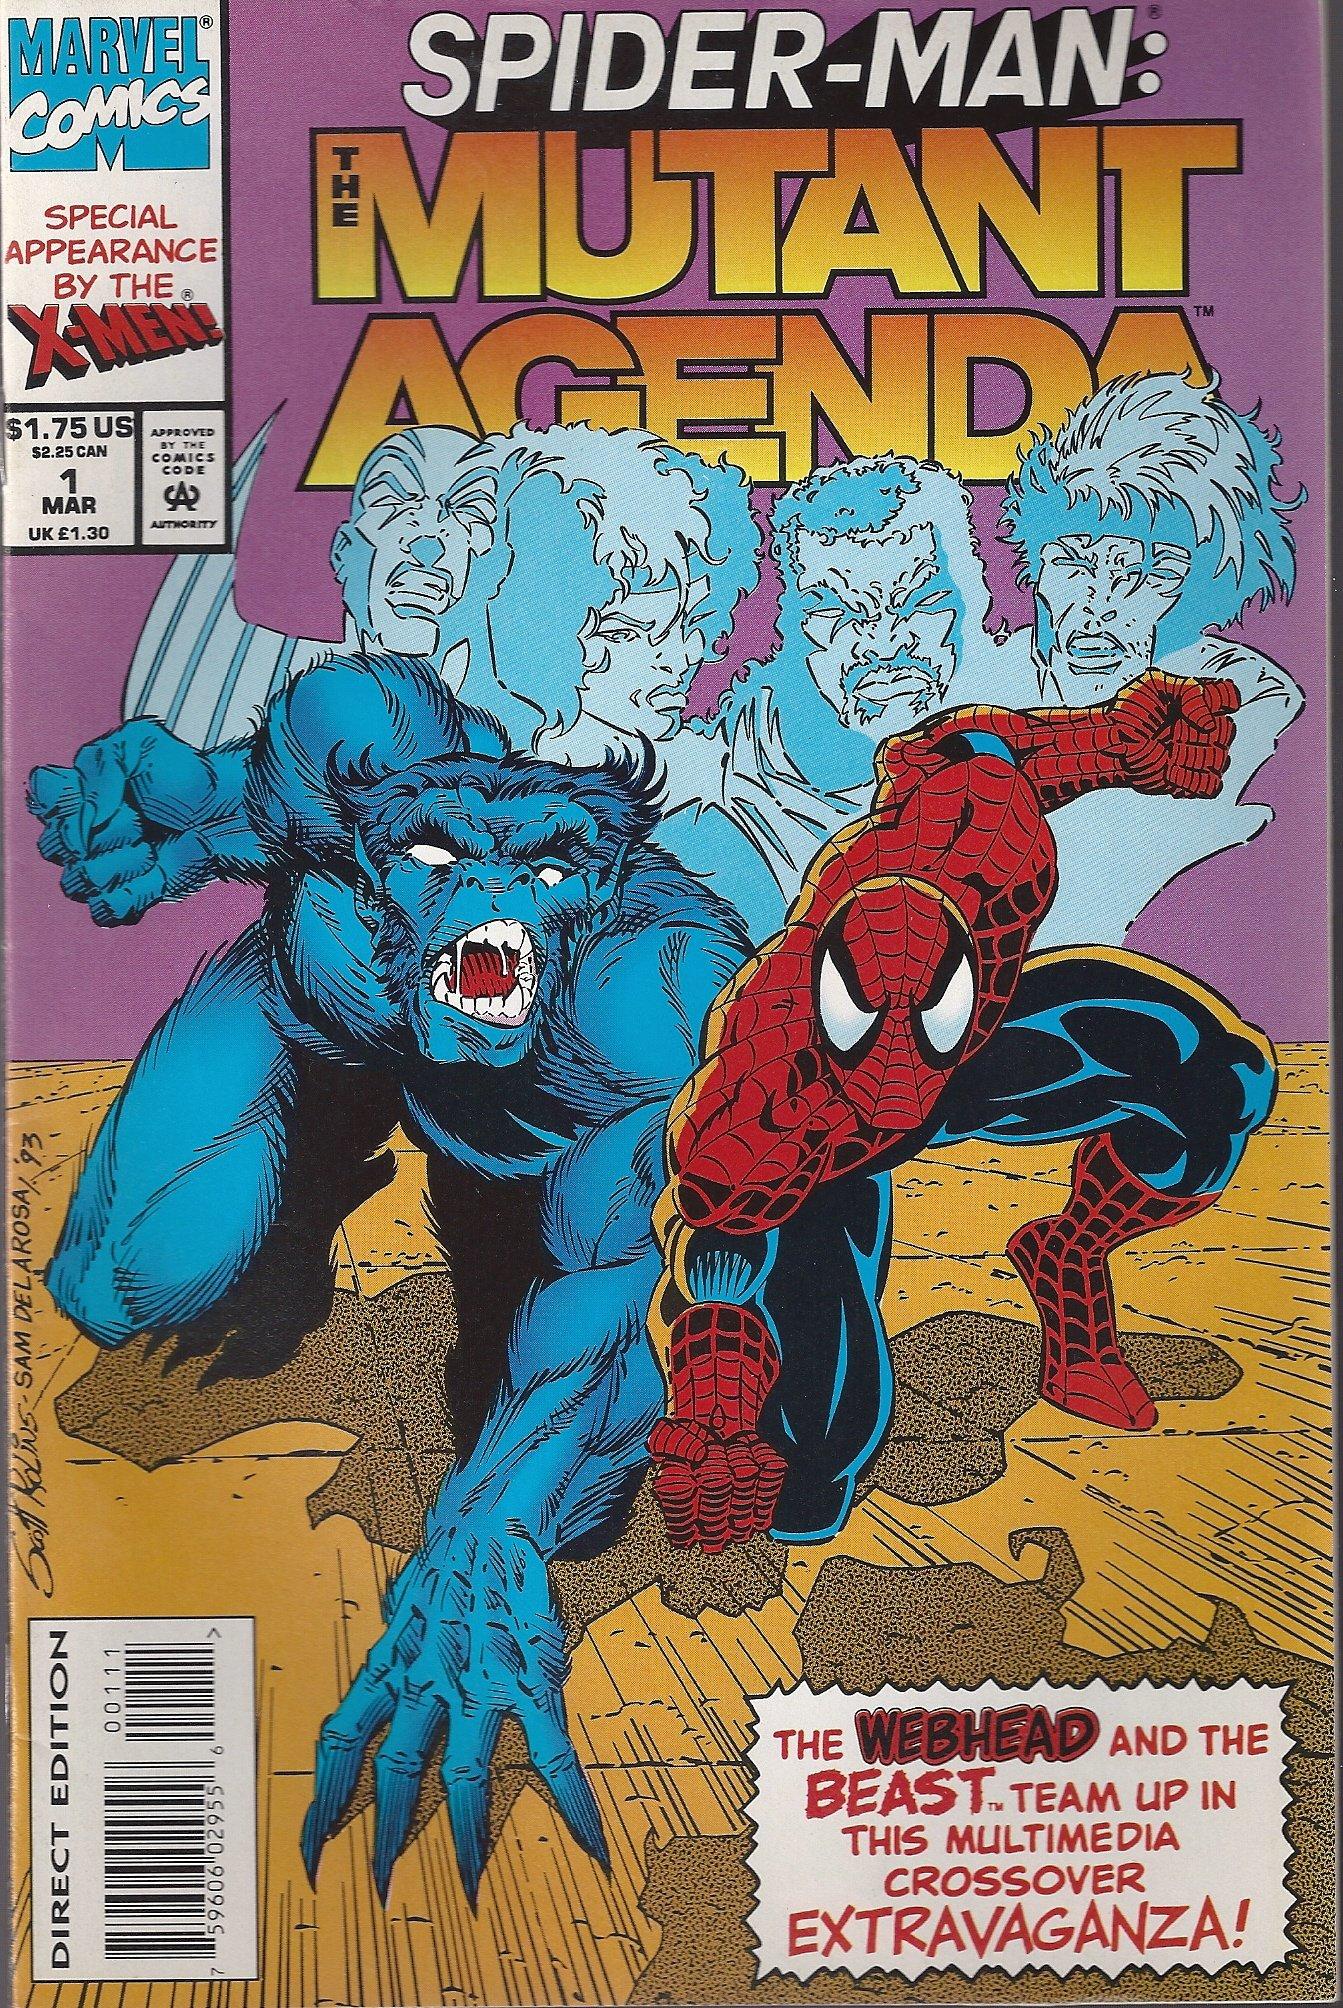 Marvel Comics Spider-Man the Mutant Agenda Vol.1 No.1 ...